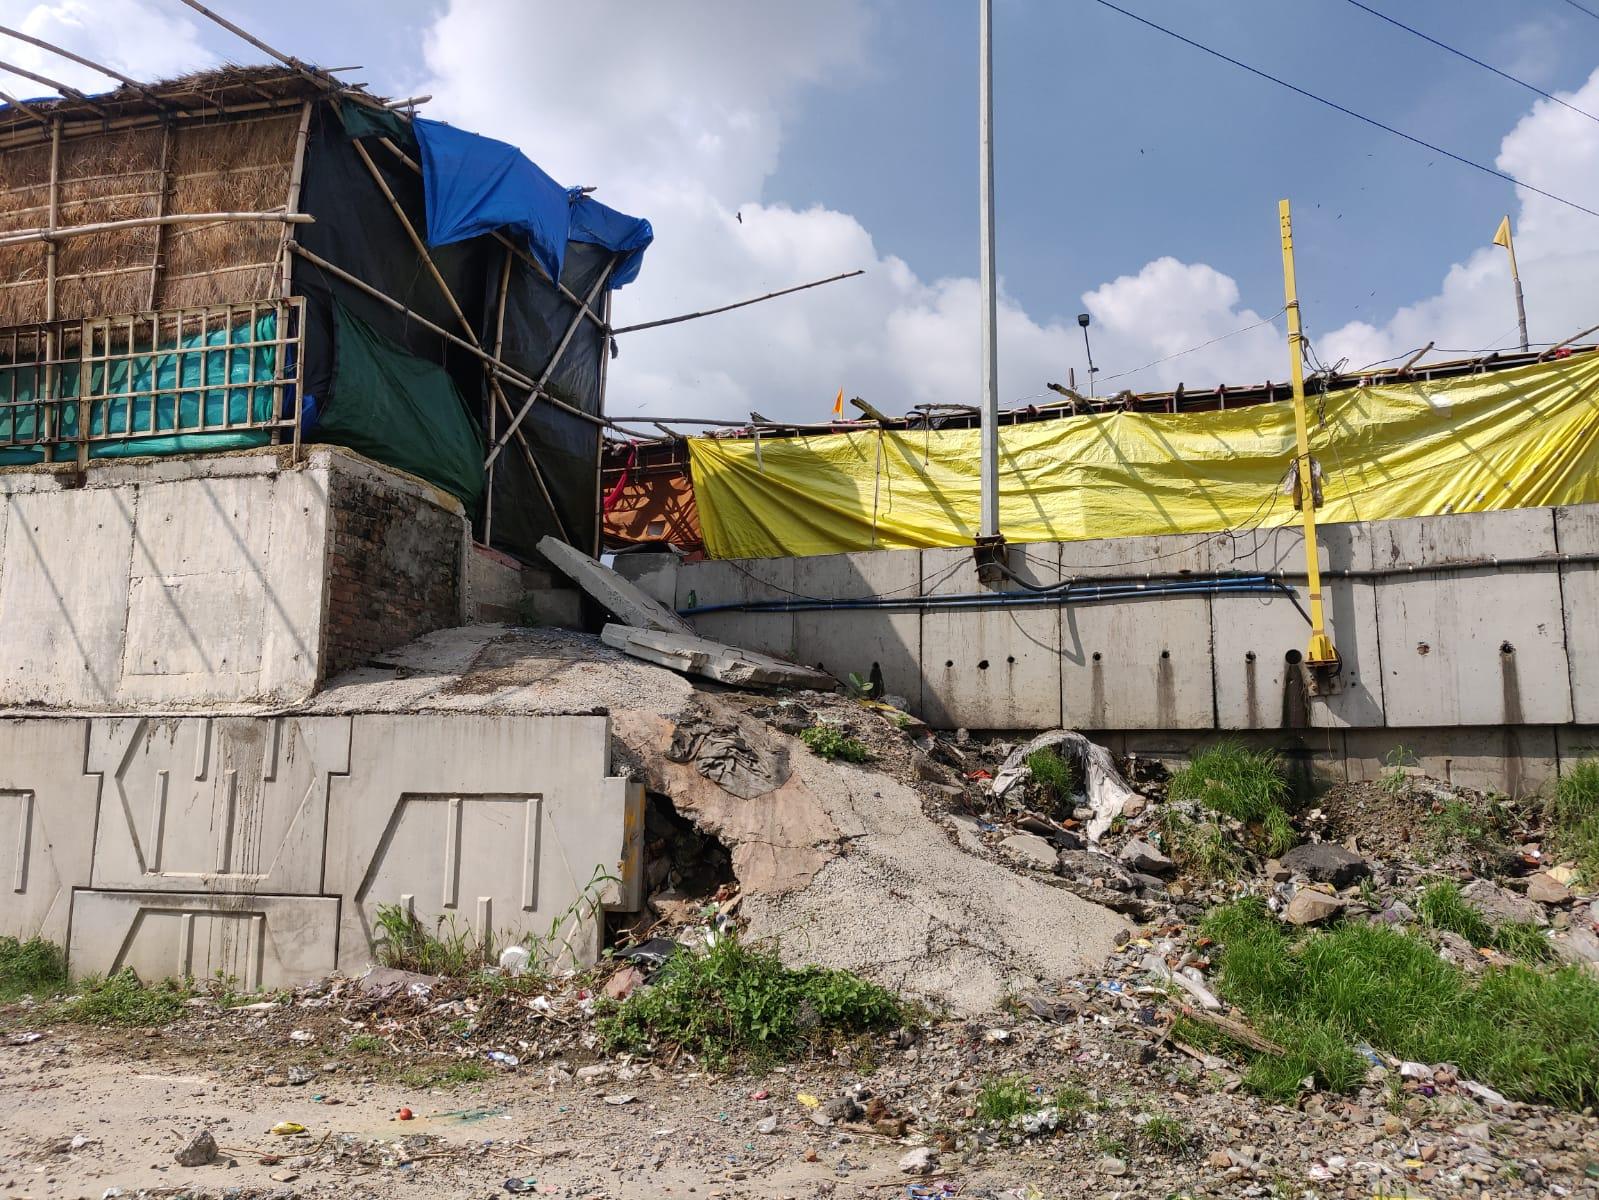 सफाई न होने से दीवारों पर पौधे उगे, चार जगहों पर आई दरार, ड्रेनेज सिस्टम ठप होने से स्ट्रक्चर को खतरा, NHAI ने जताई चिंता|गाजियाबाद,Ghaziabad - Dainik Bhaskar